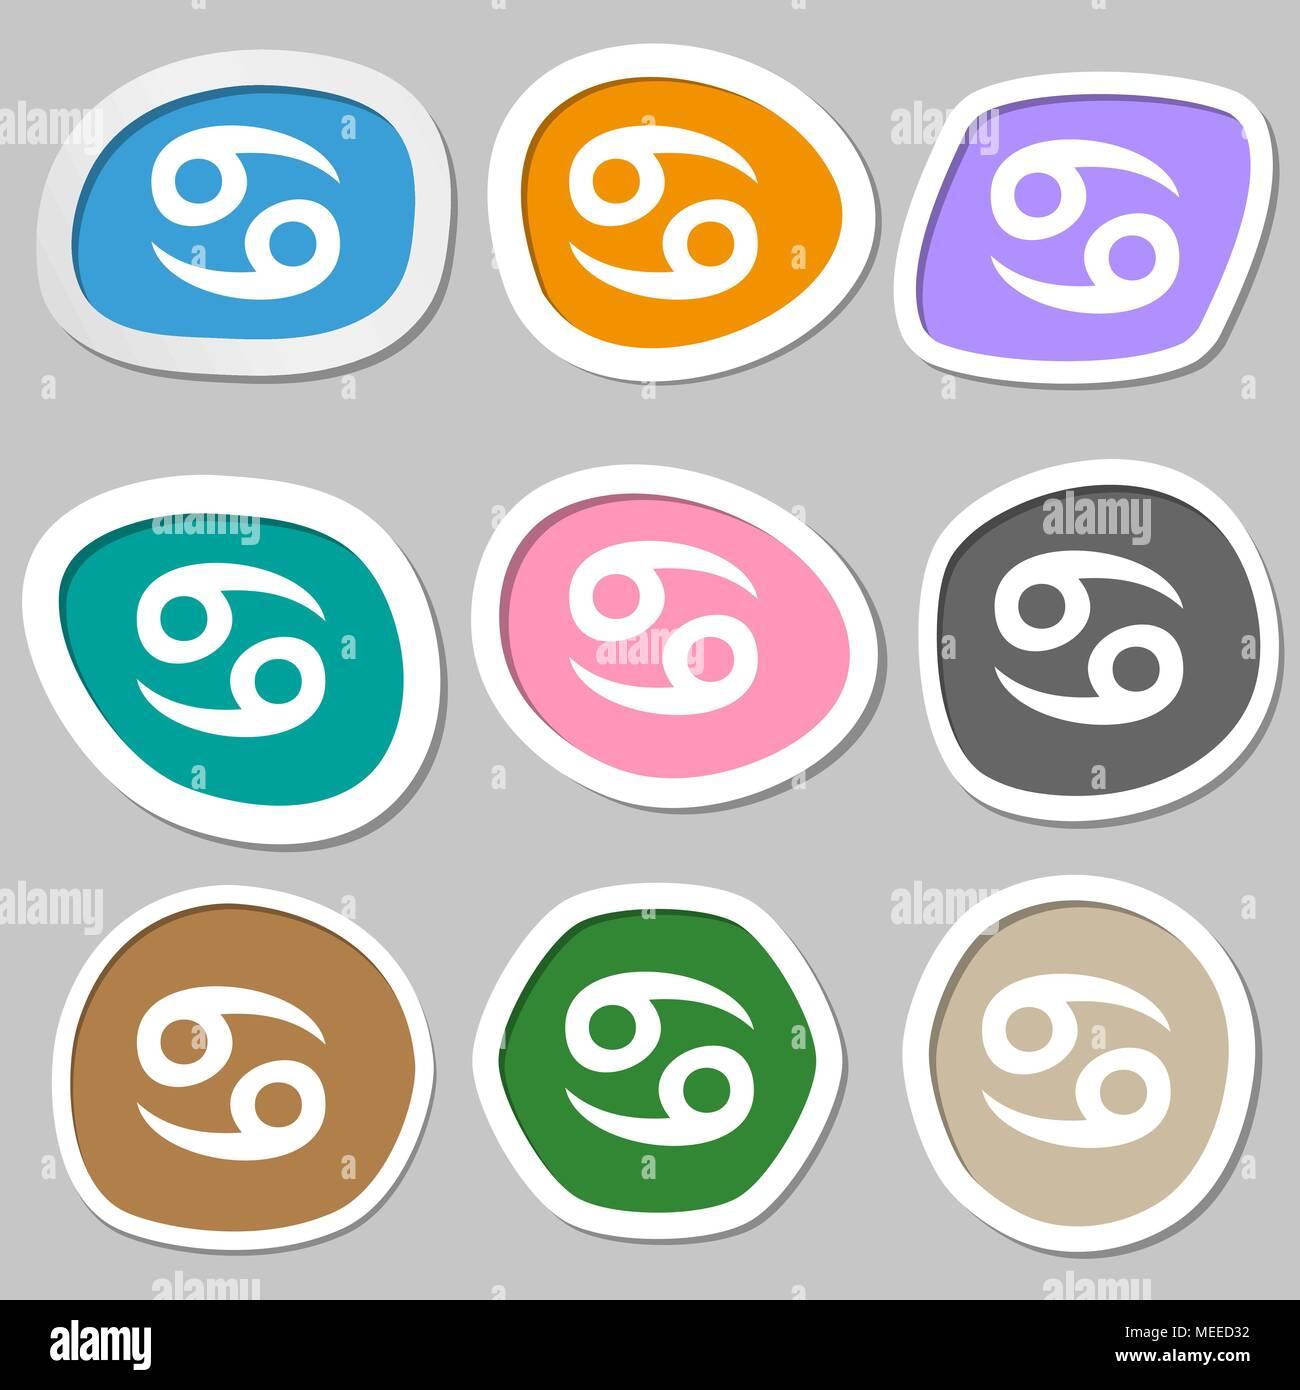 Zodiac Cancer Symbols Multicolored Paper Stock Photos Zodiac